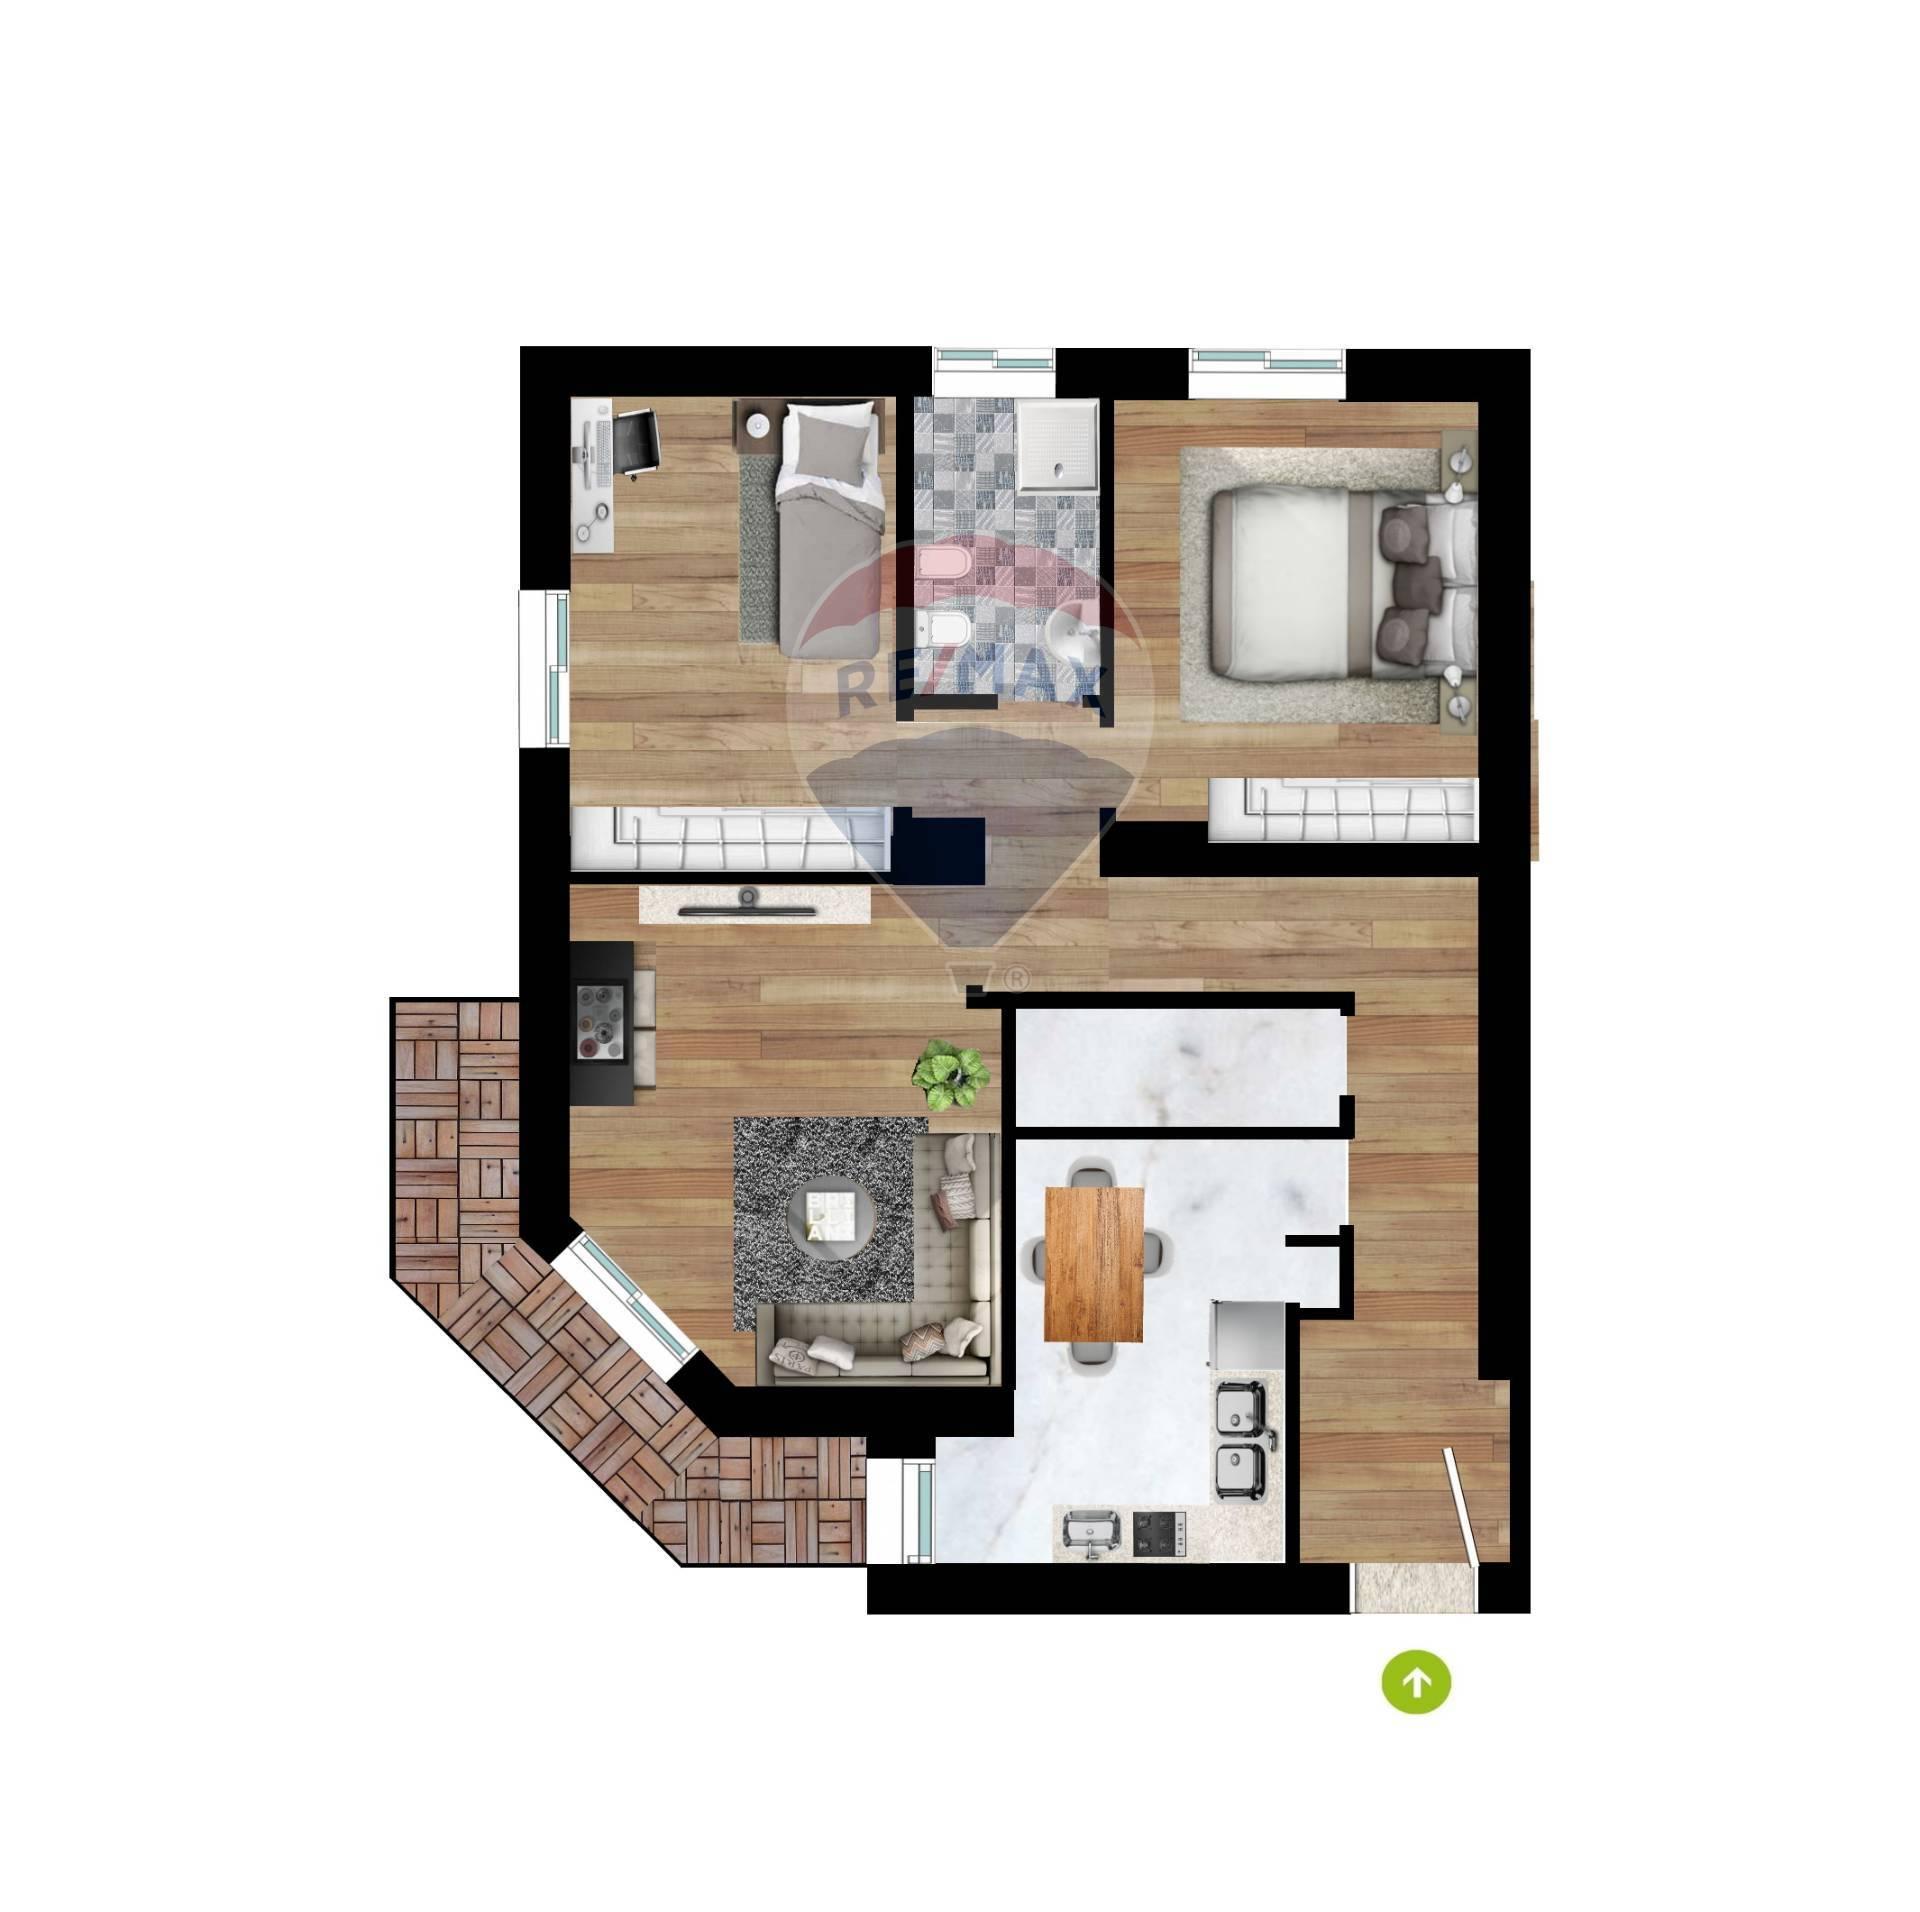 Appartamento in vendita a Albano Laziale, 5 locali, prezzo € 100.000 | CambioCasa.it